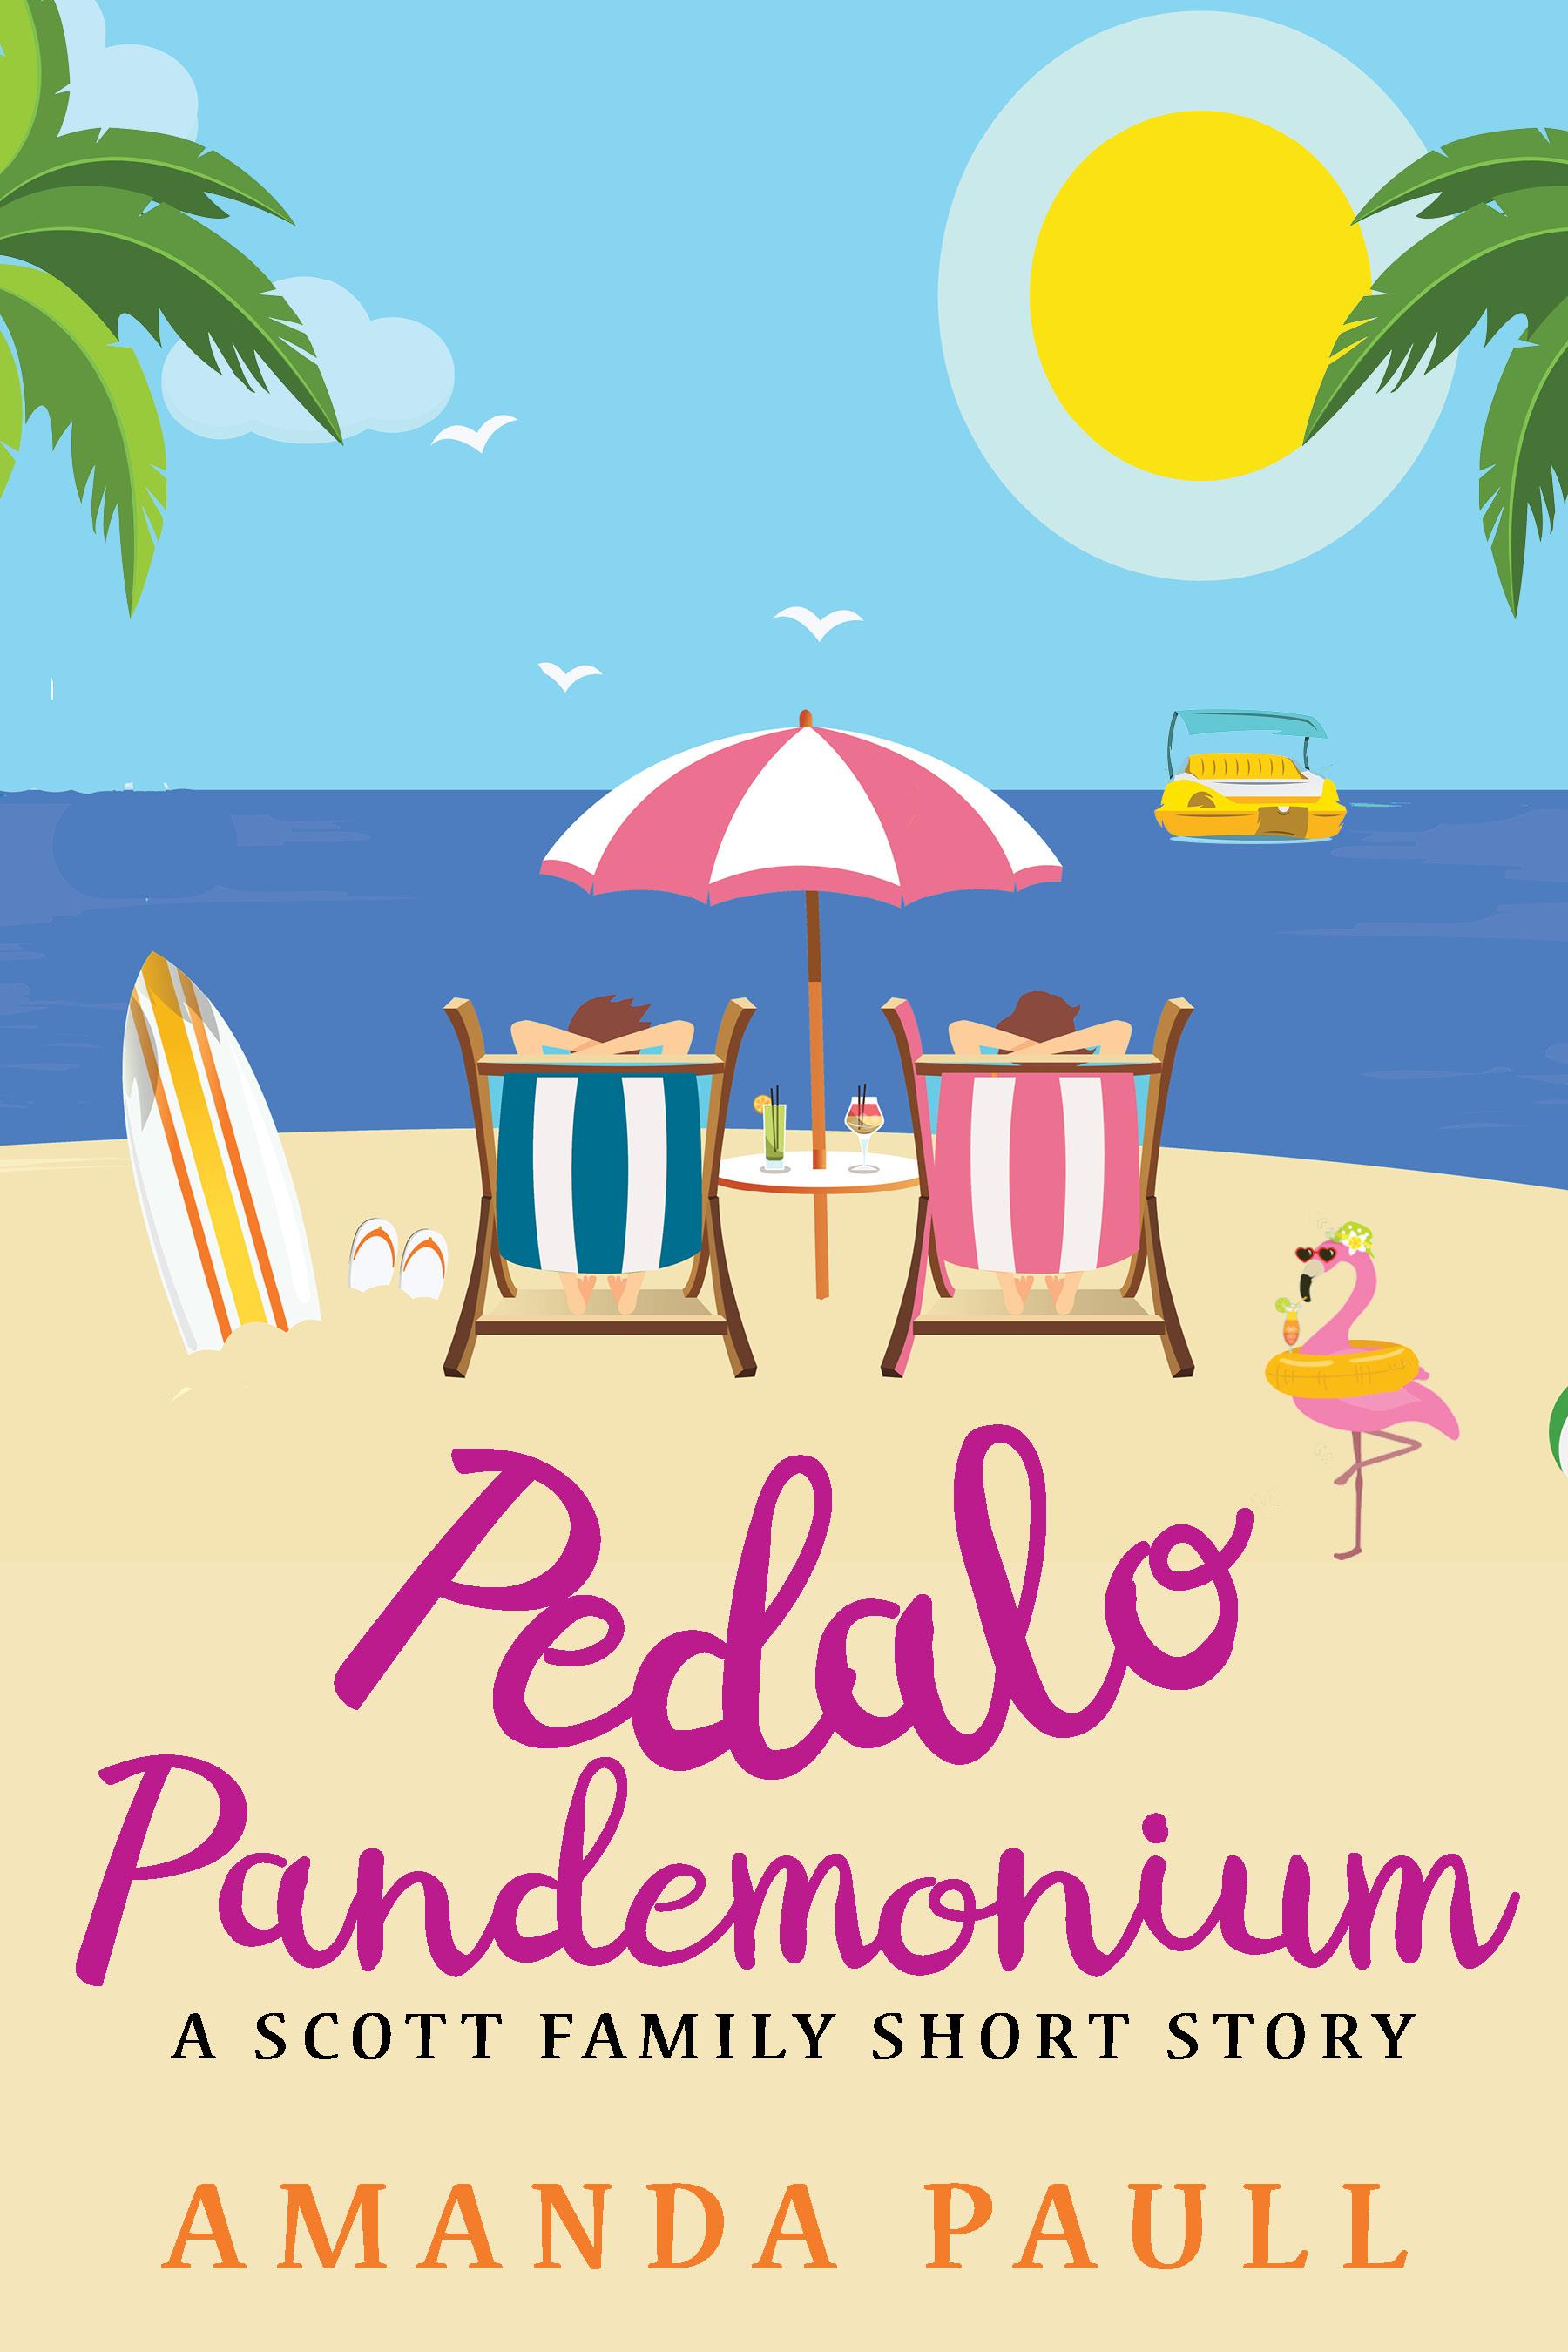 Pedalo Pandemonium cover